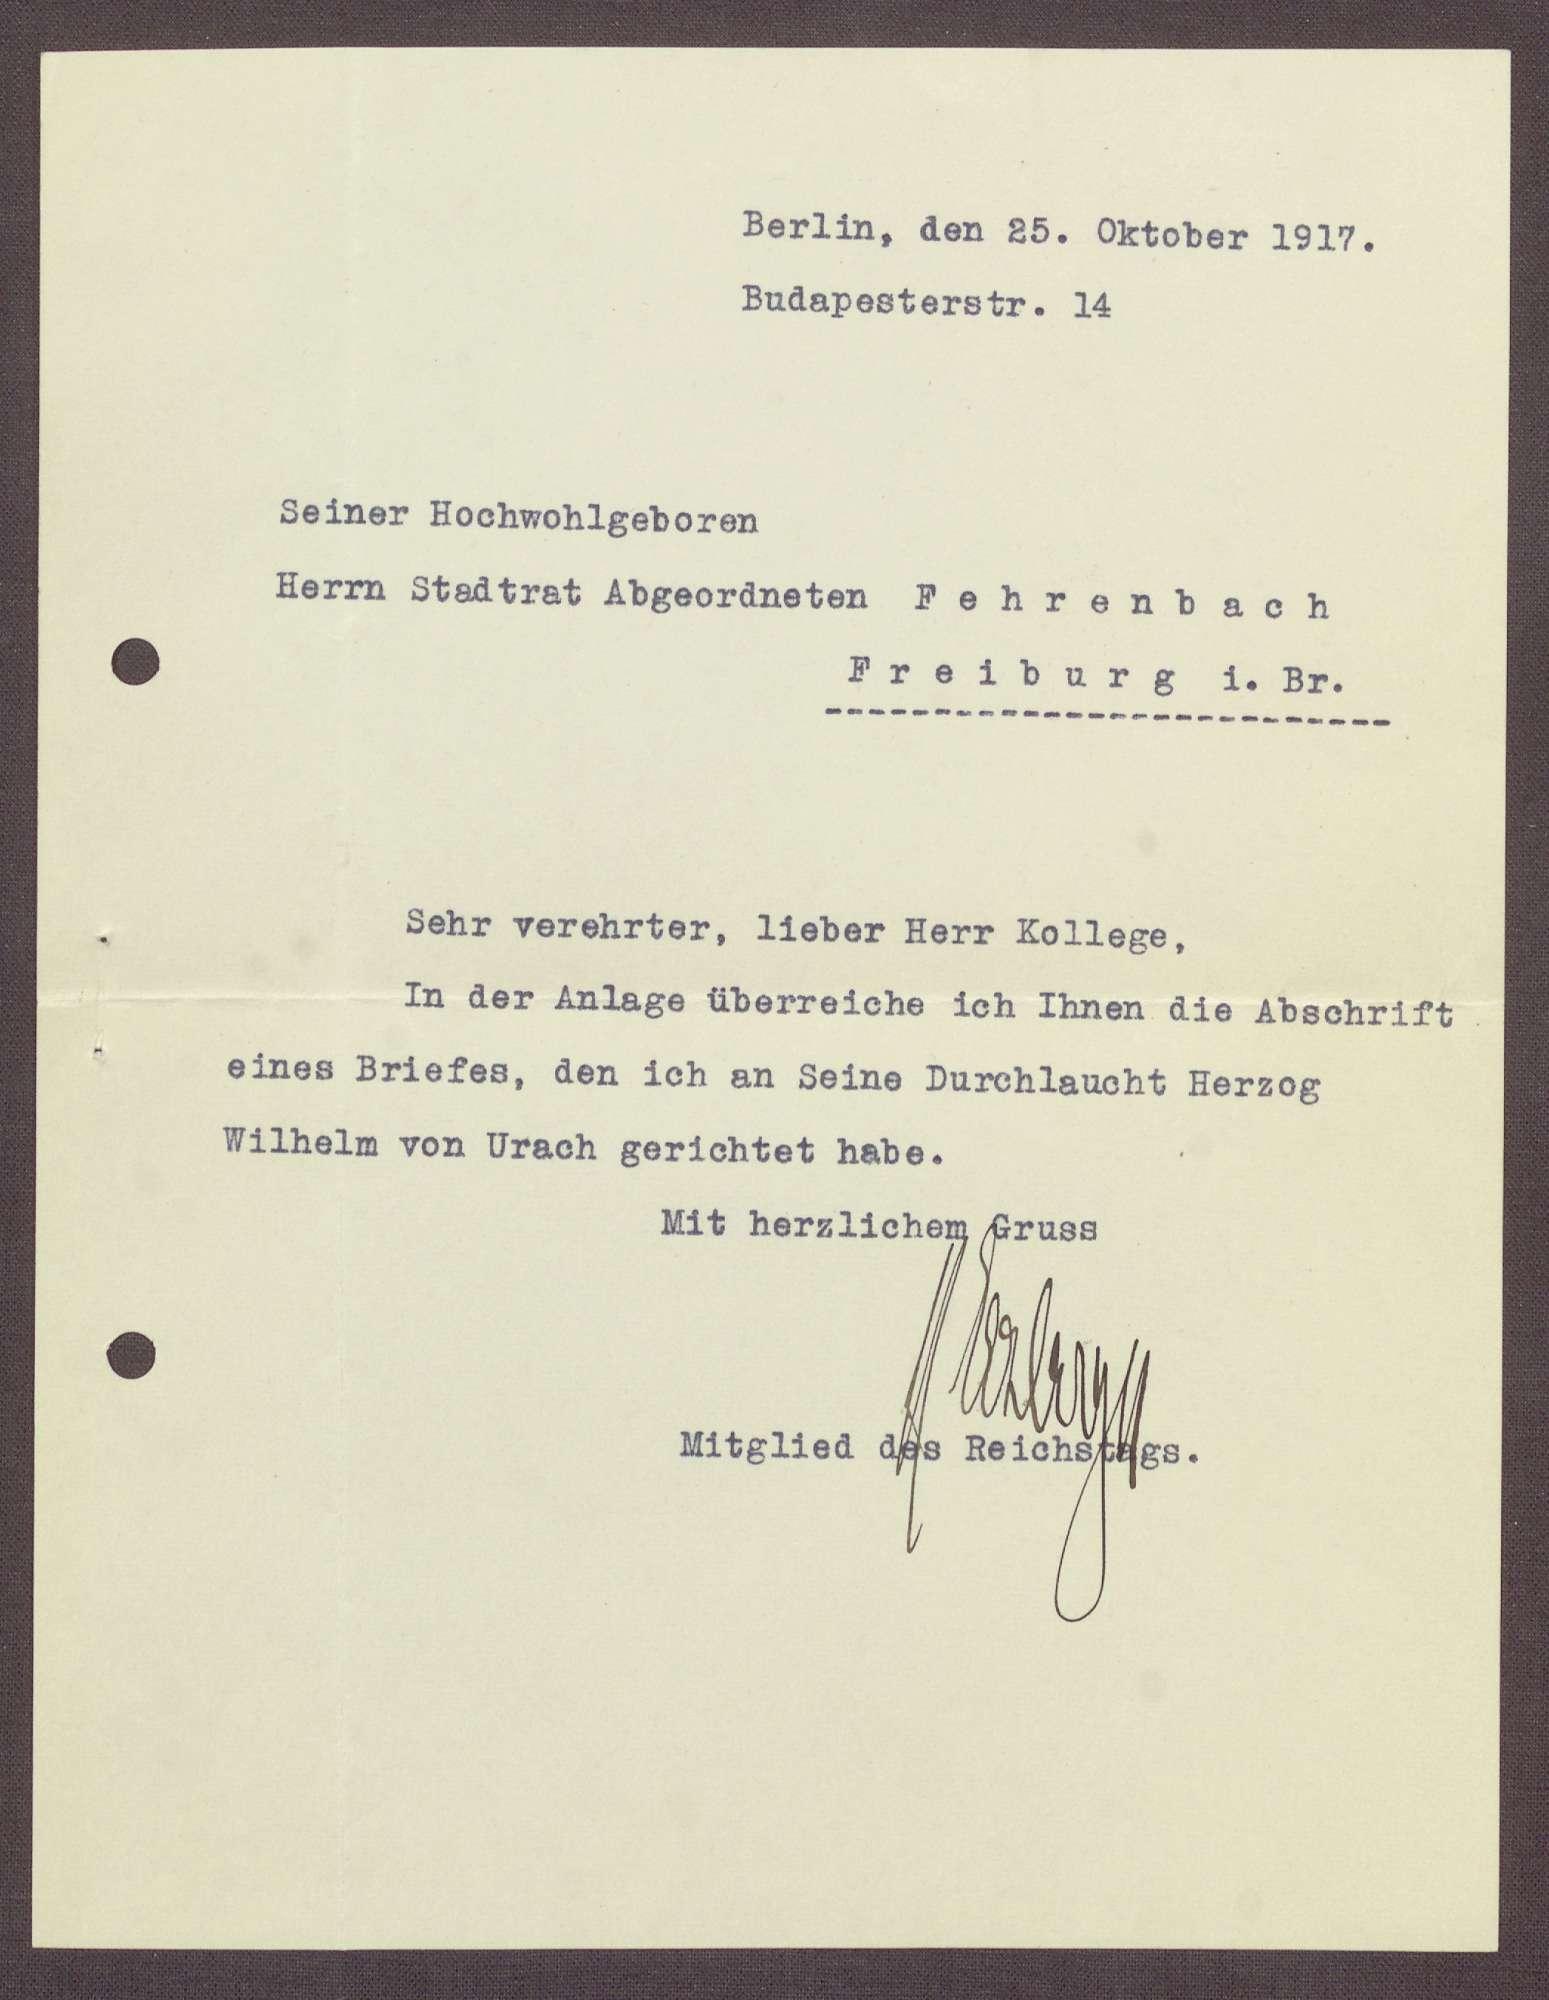 Schreiben von Matthias Erzberger an Constantin Fehrenbach, Abschrift eines Briefes an Herzog Wilhelm Karl von Urach, Bild 1